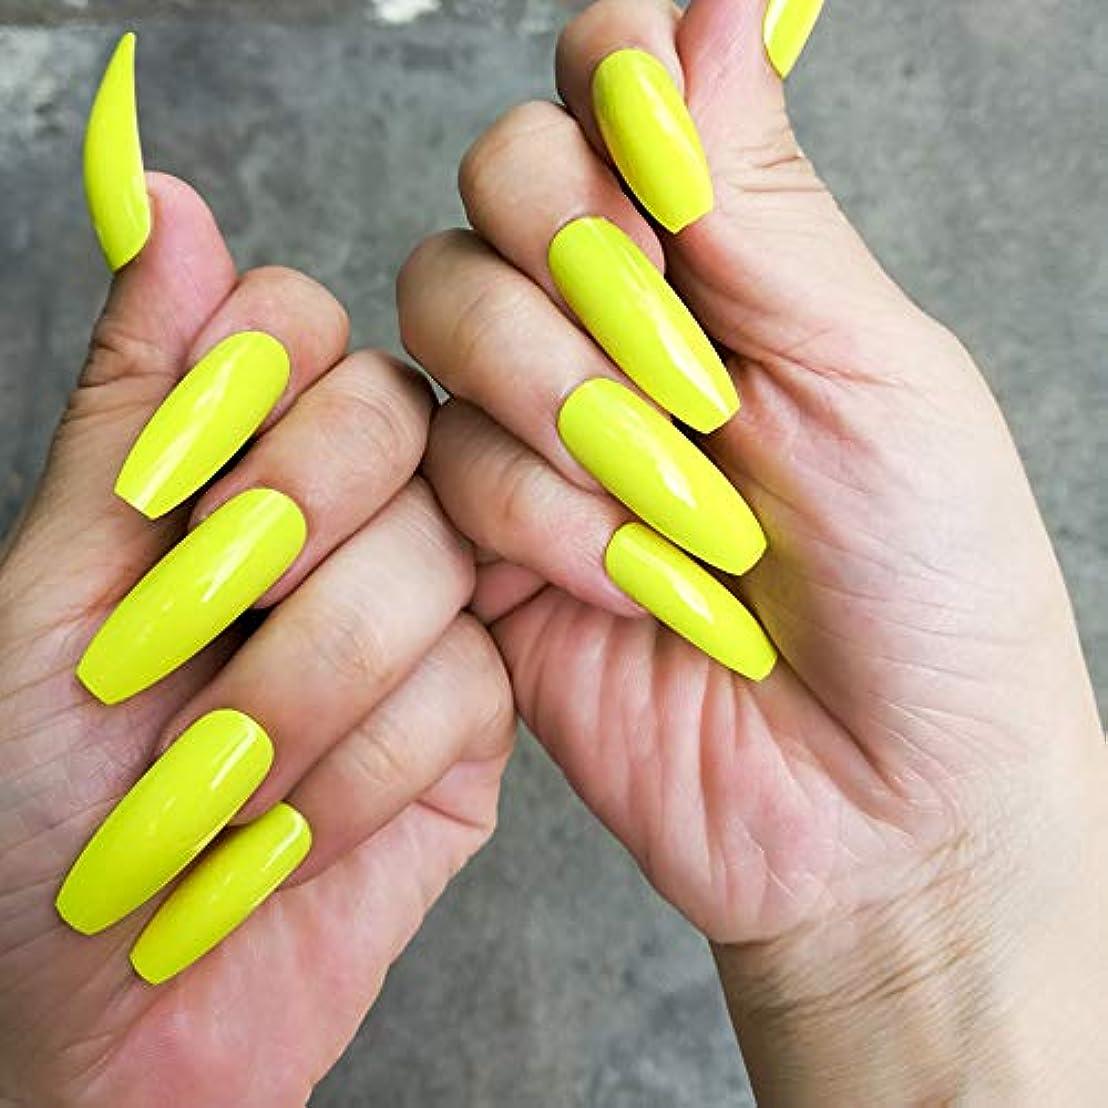 プログレッシブトレッドロープXUTXZKA エクストラロングフォールスネイル蛍光緑色黄色ヒントフルカバー人工爪プレス